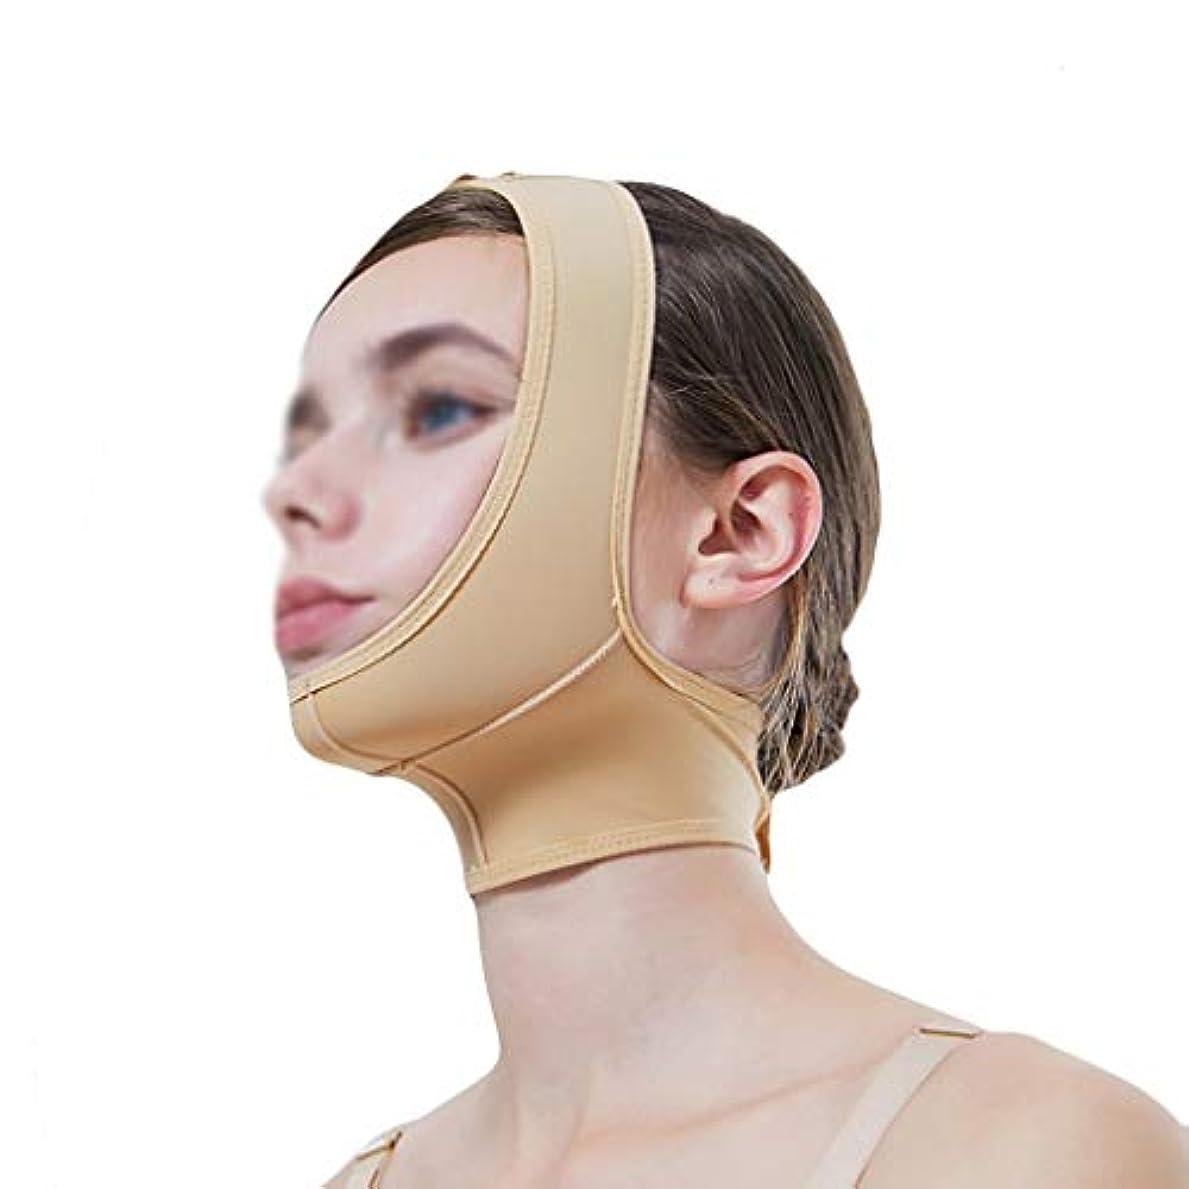 駐地浪費出演者マスク、超薄型ベルト、フェイスリフティングに適しています、フェイスリフティング、通気性包帯、チンリフティングベルト、超薄型ベルト、通気性 (Size : XS)